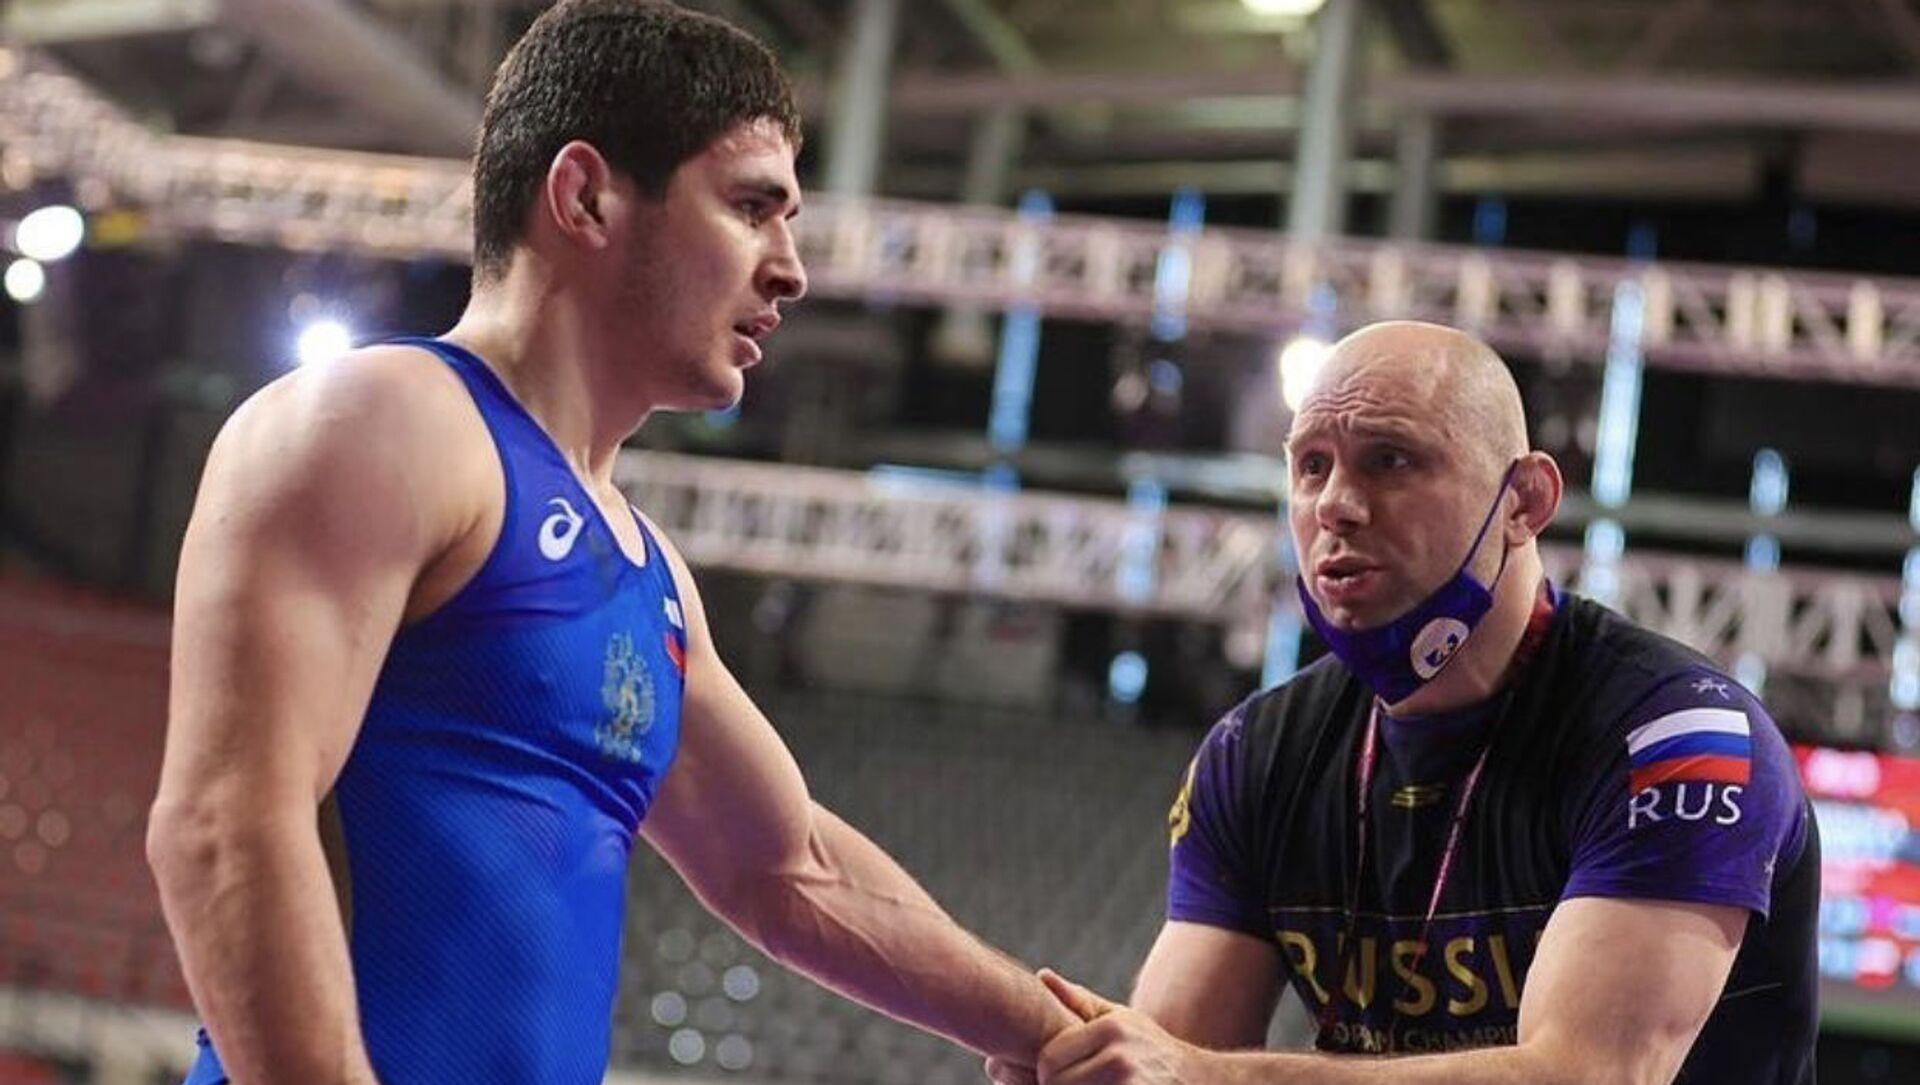 Чермен Валиев стал победителем первенства Европы по вольной борьбе U23 - Sputnik Южная Осетия, 1920, 03.10.2021